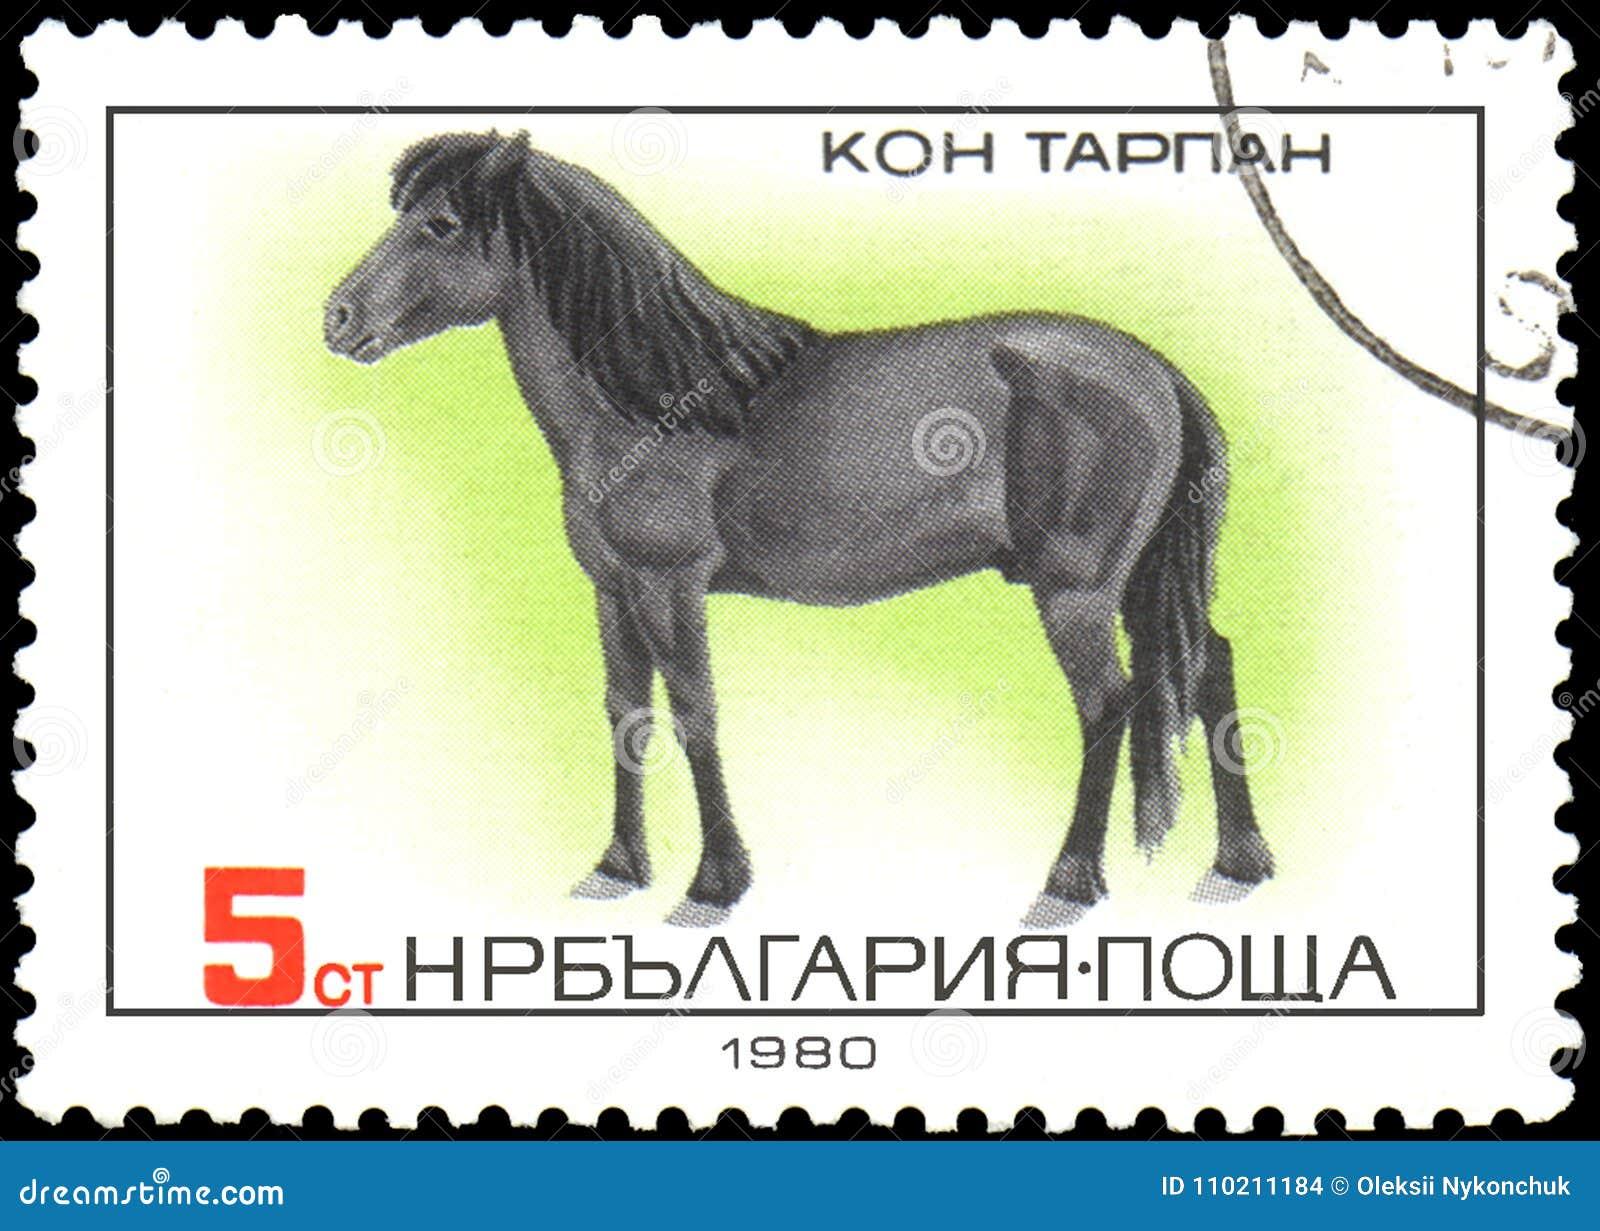 BULGARIJE - CIRCA 1980: een zegel, in Bulgarije wordt gedrukt, toont een Tarpan-paard dat